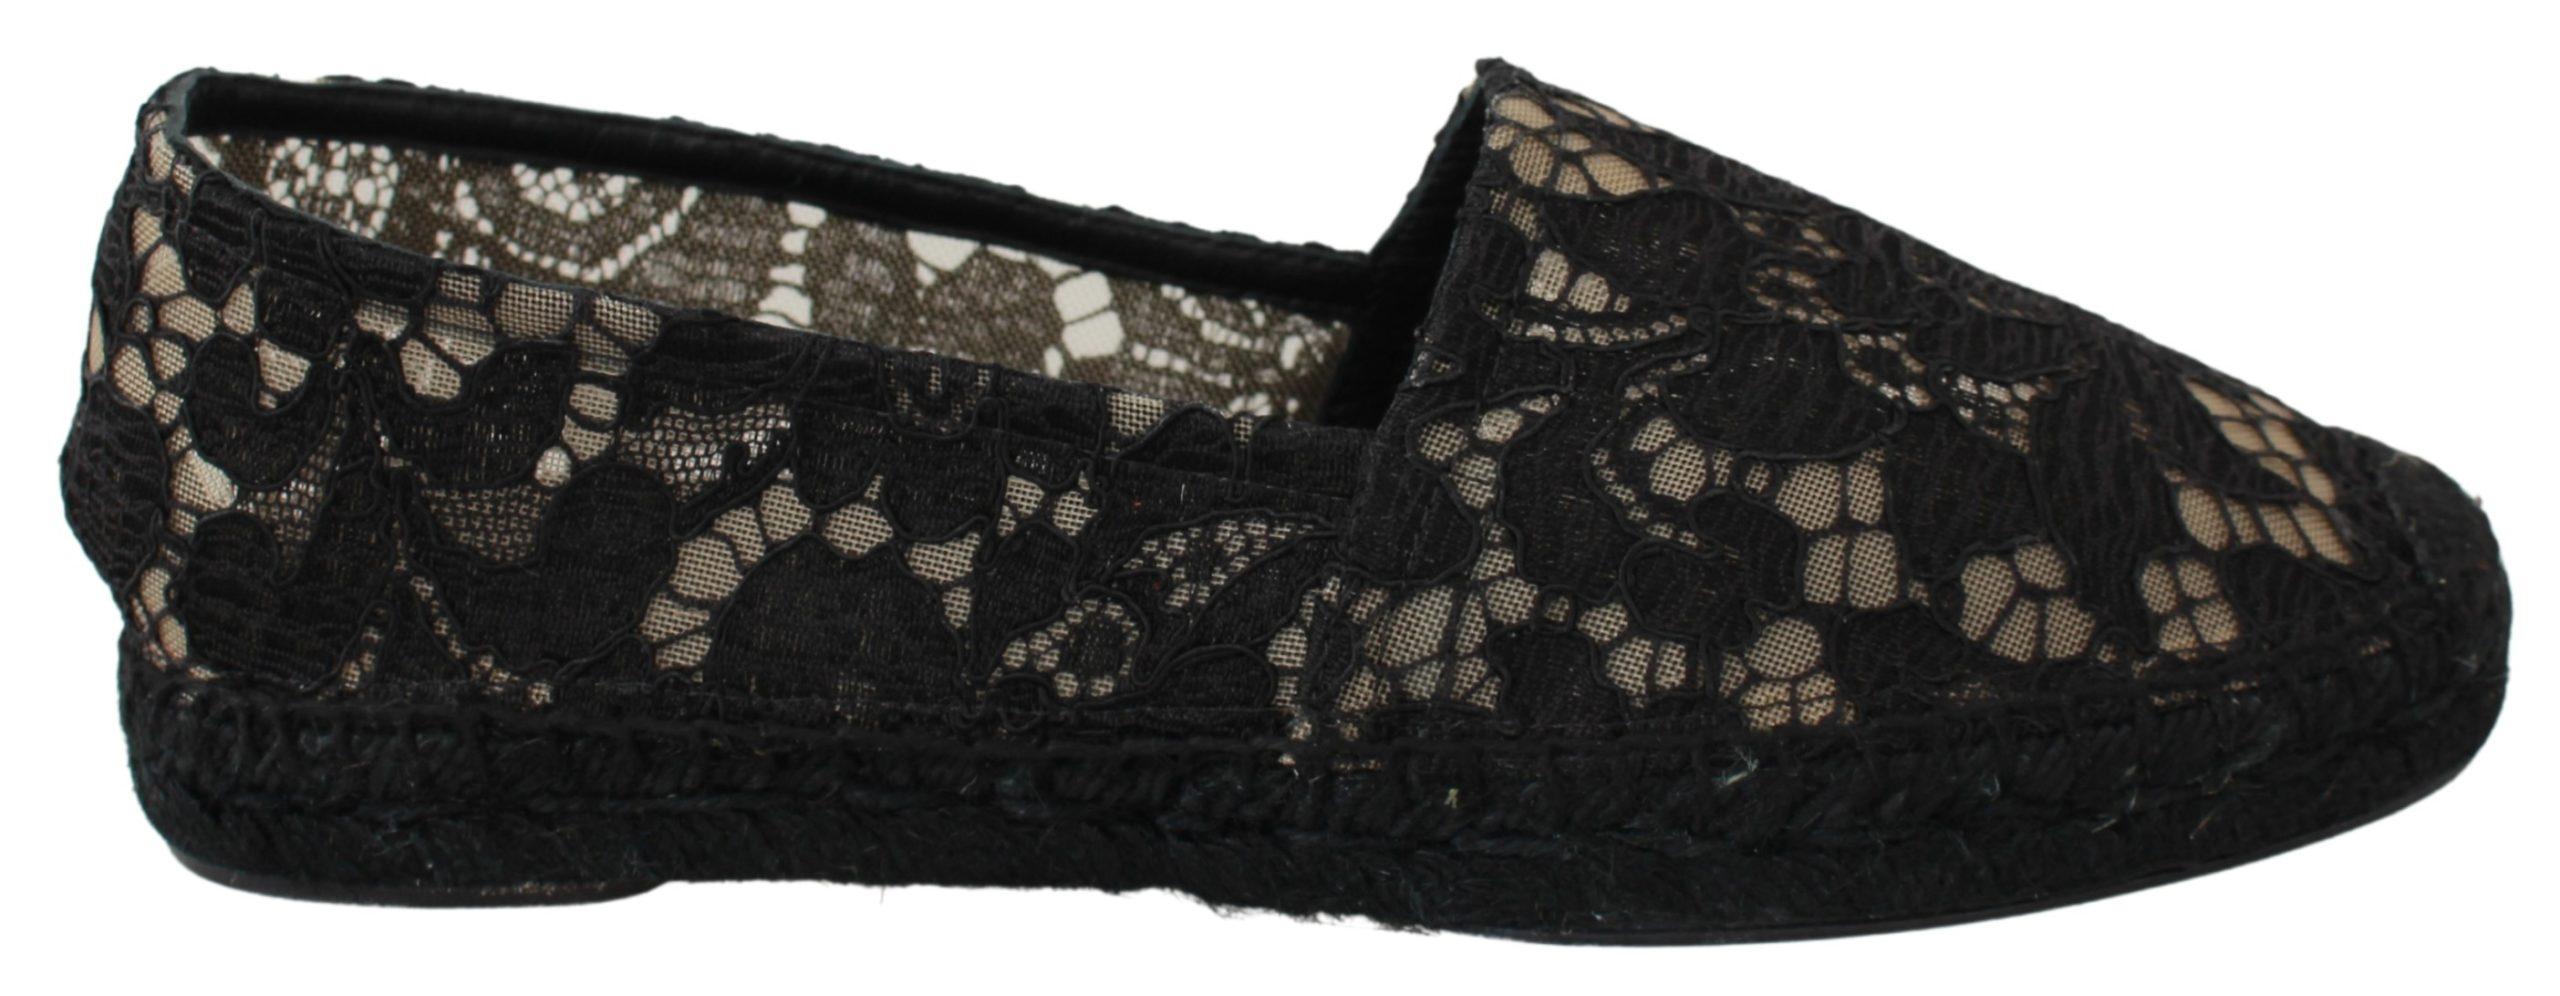 Dolce & Gabbana Women's Lace Cotton Espadrilles Shoes Black LA6519 - EU40/US9.5